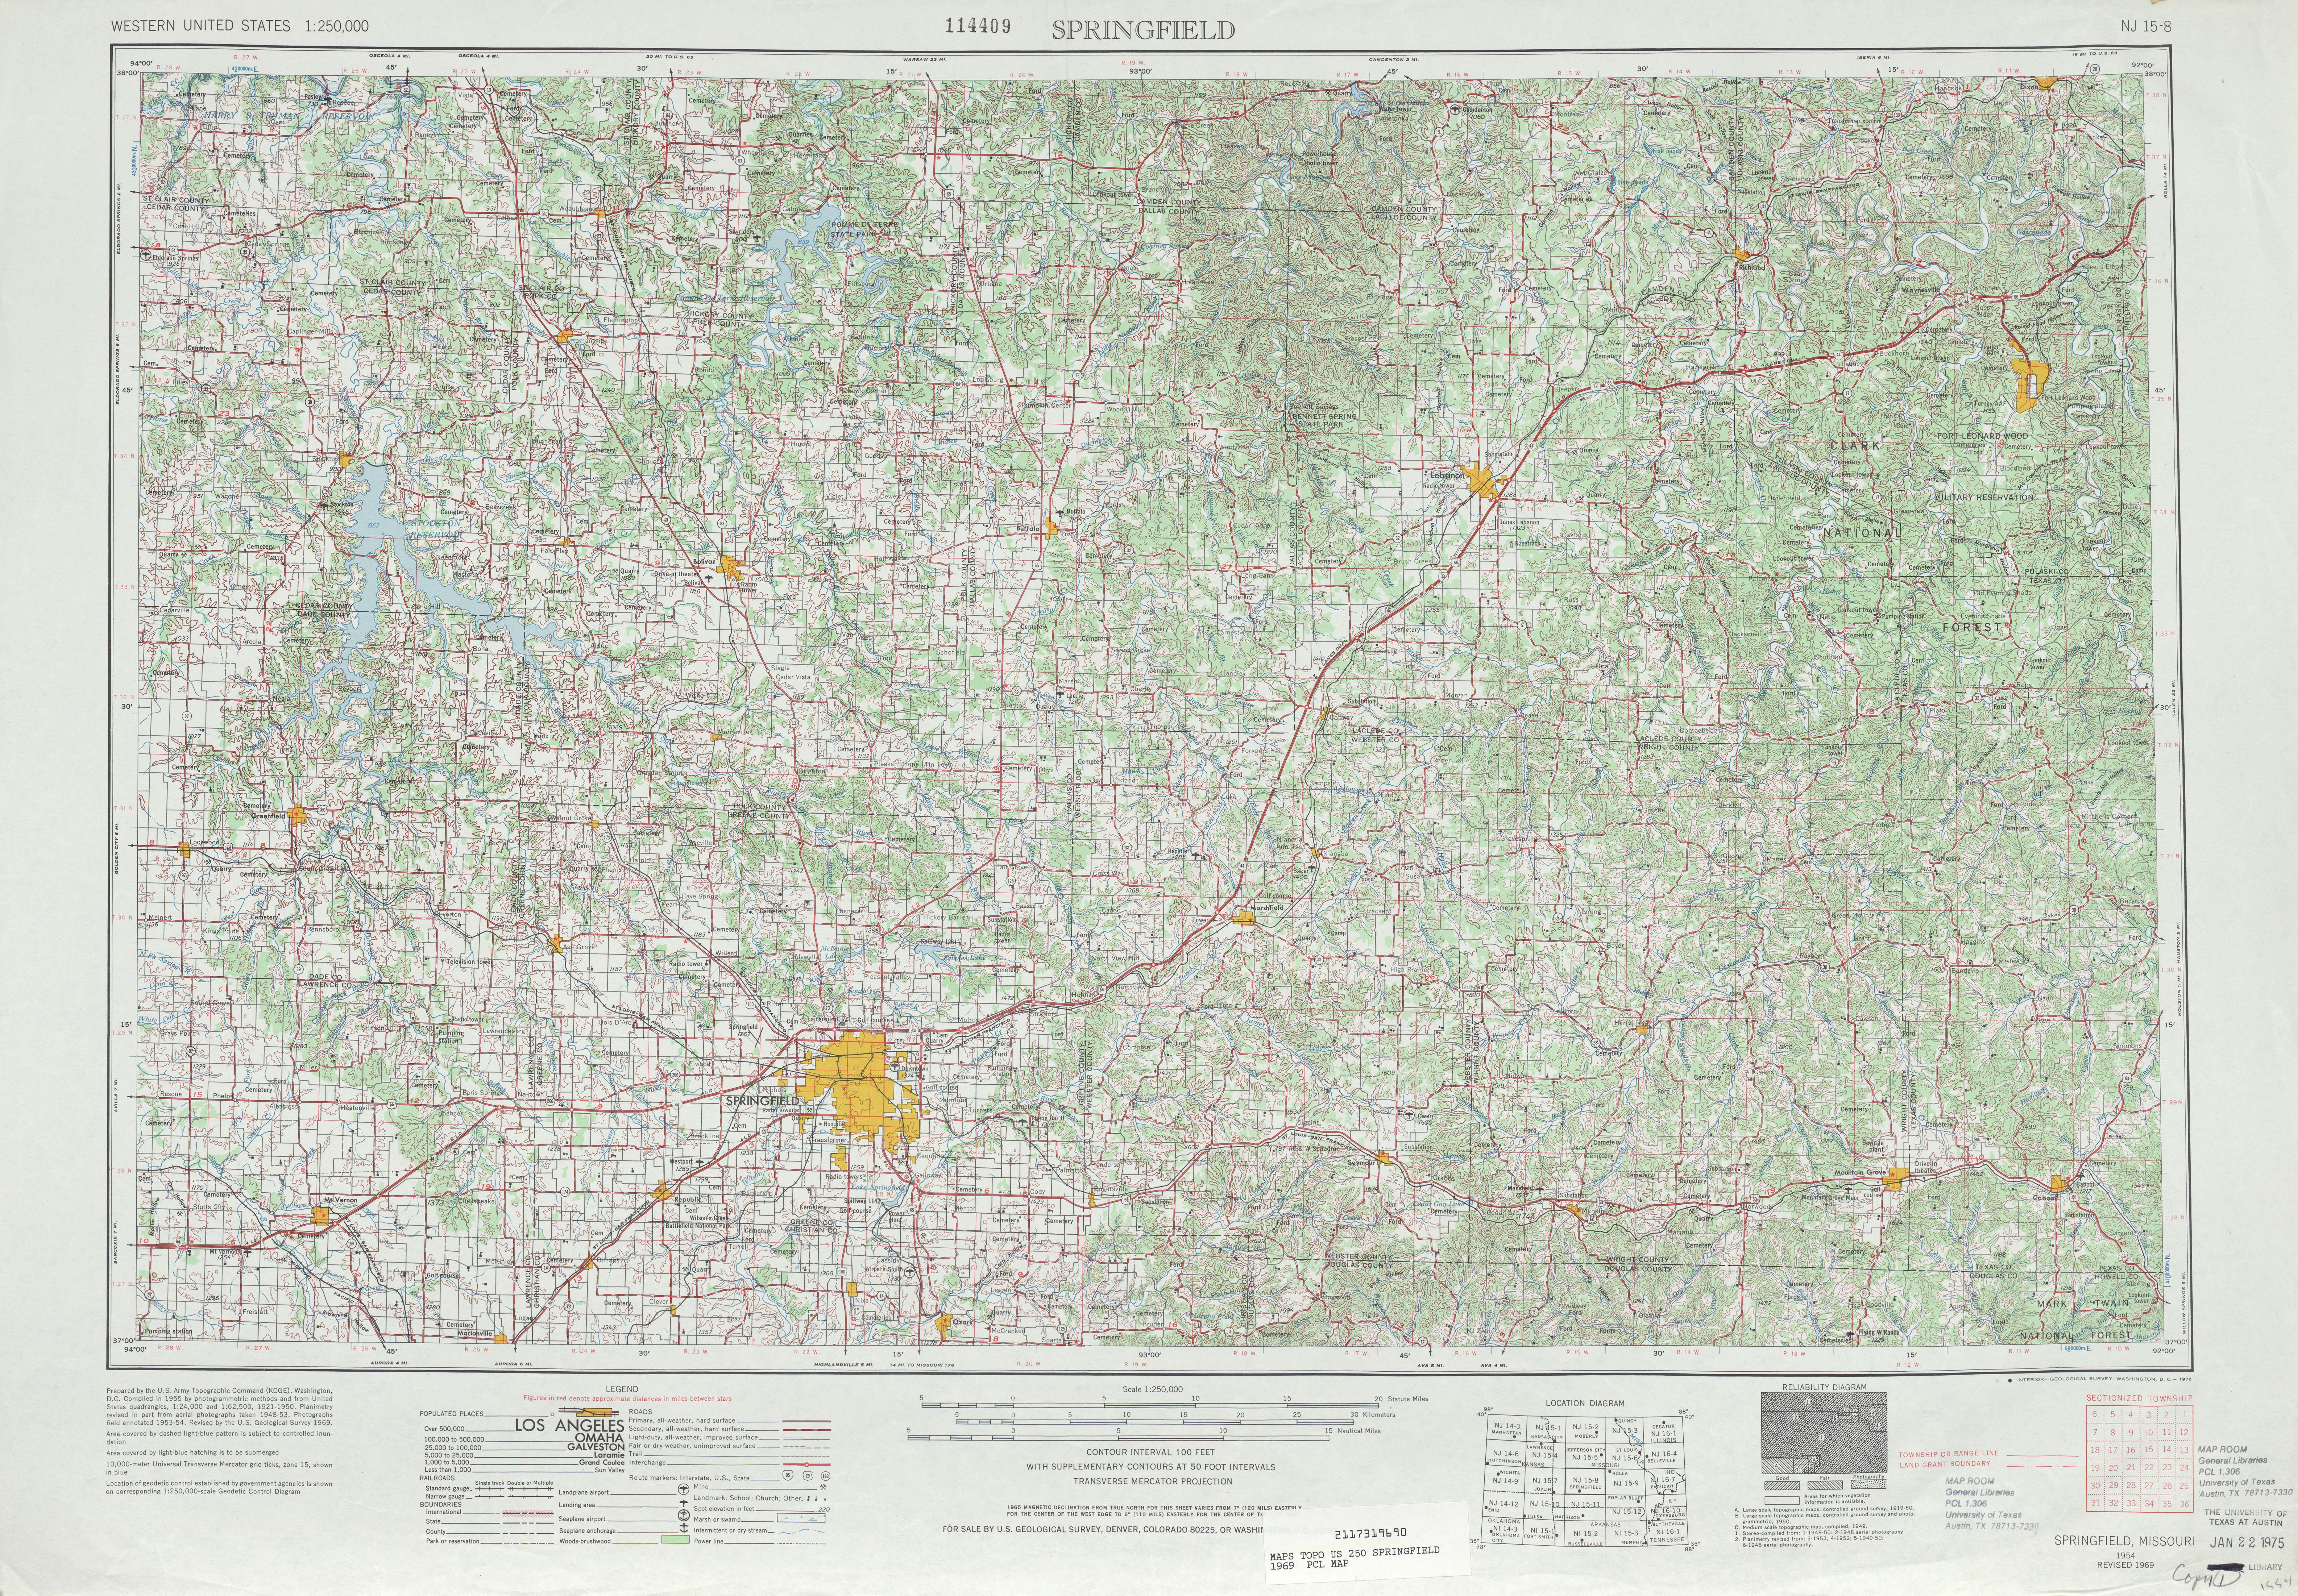 Hoja Springfield del Mapa Topográfico de los Estados Unidos 1969